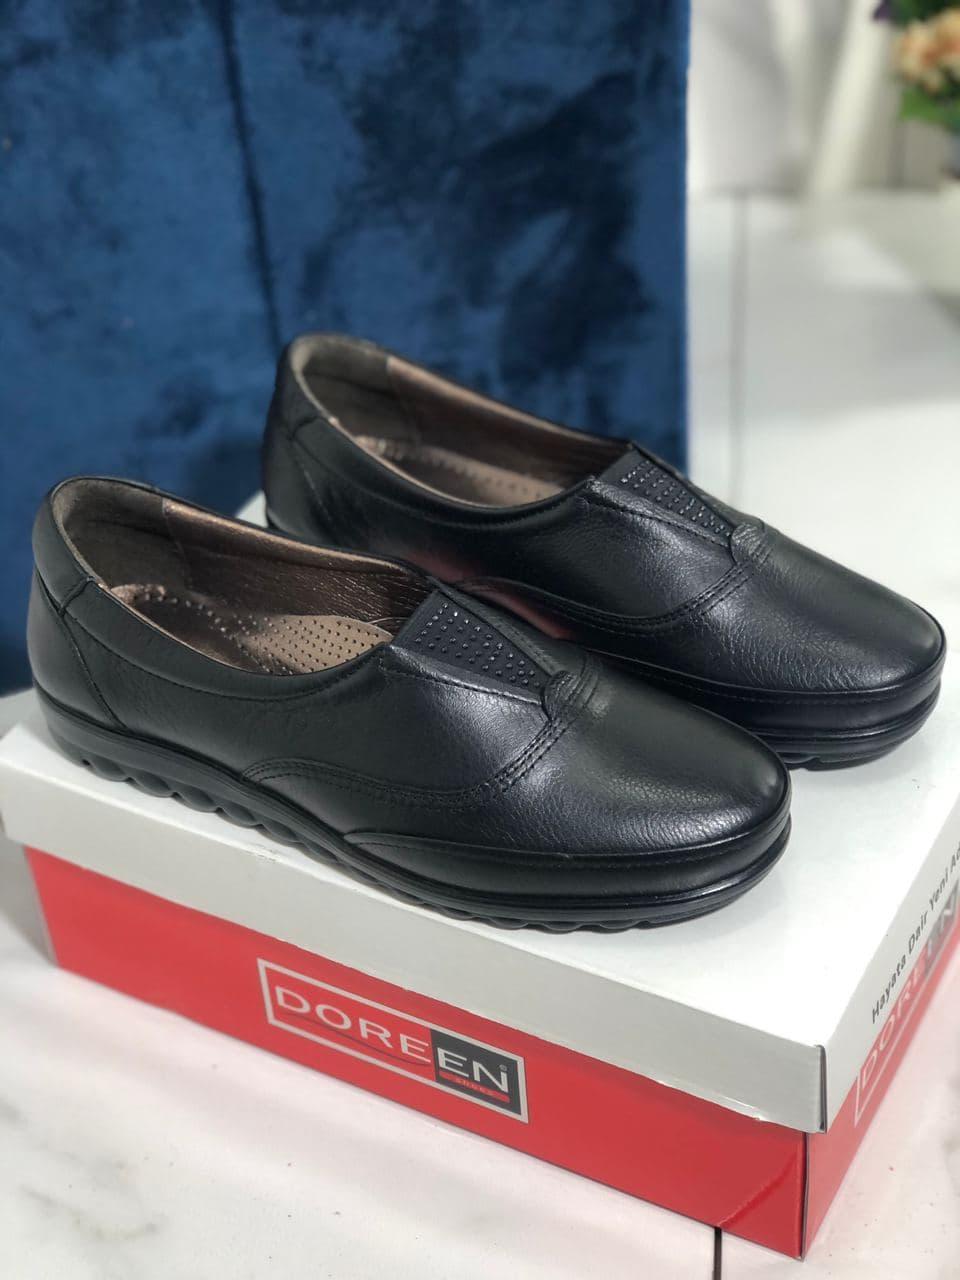 Туфлі жіночі чорні Doren 20206-000-siyah